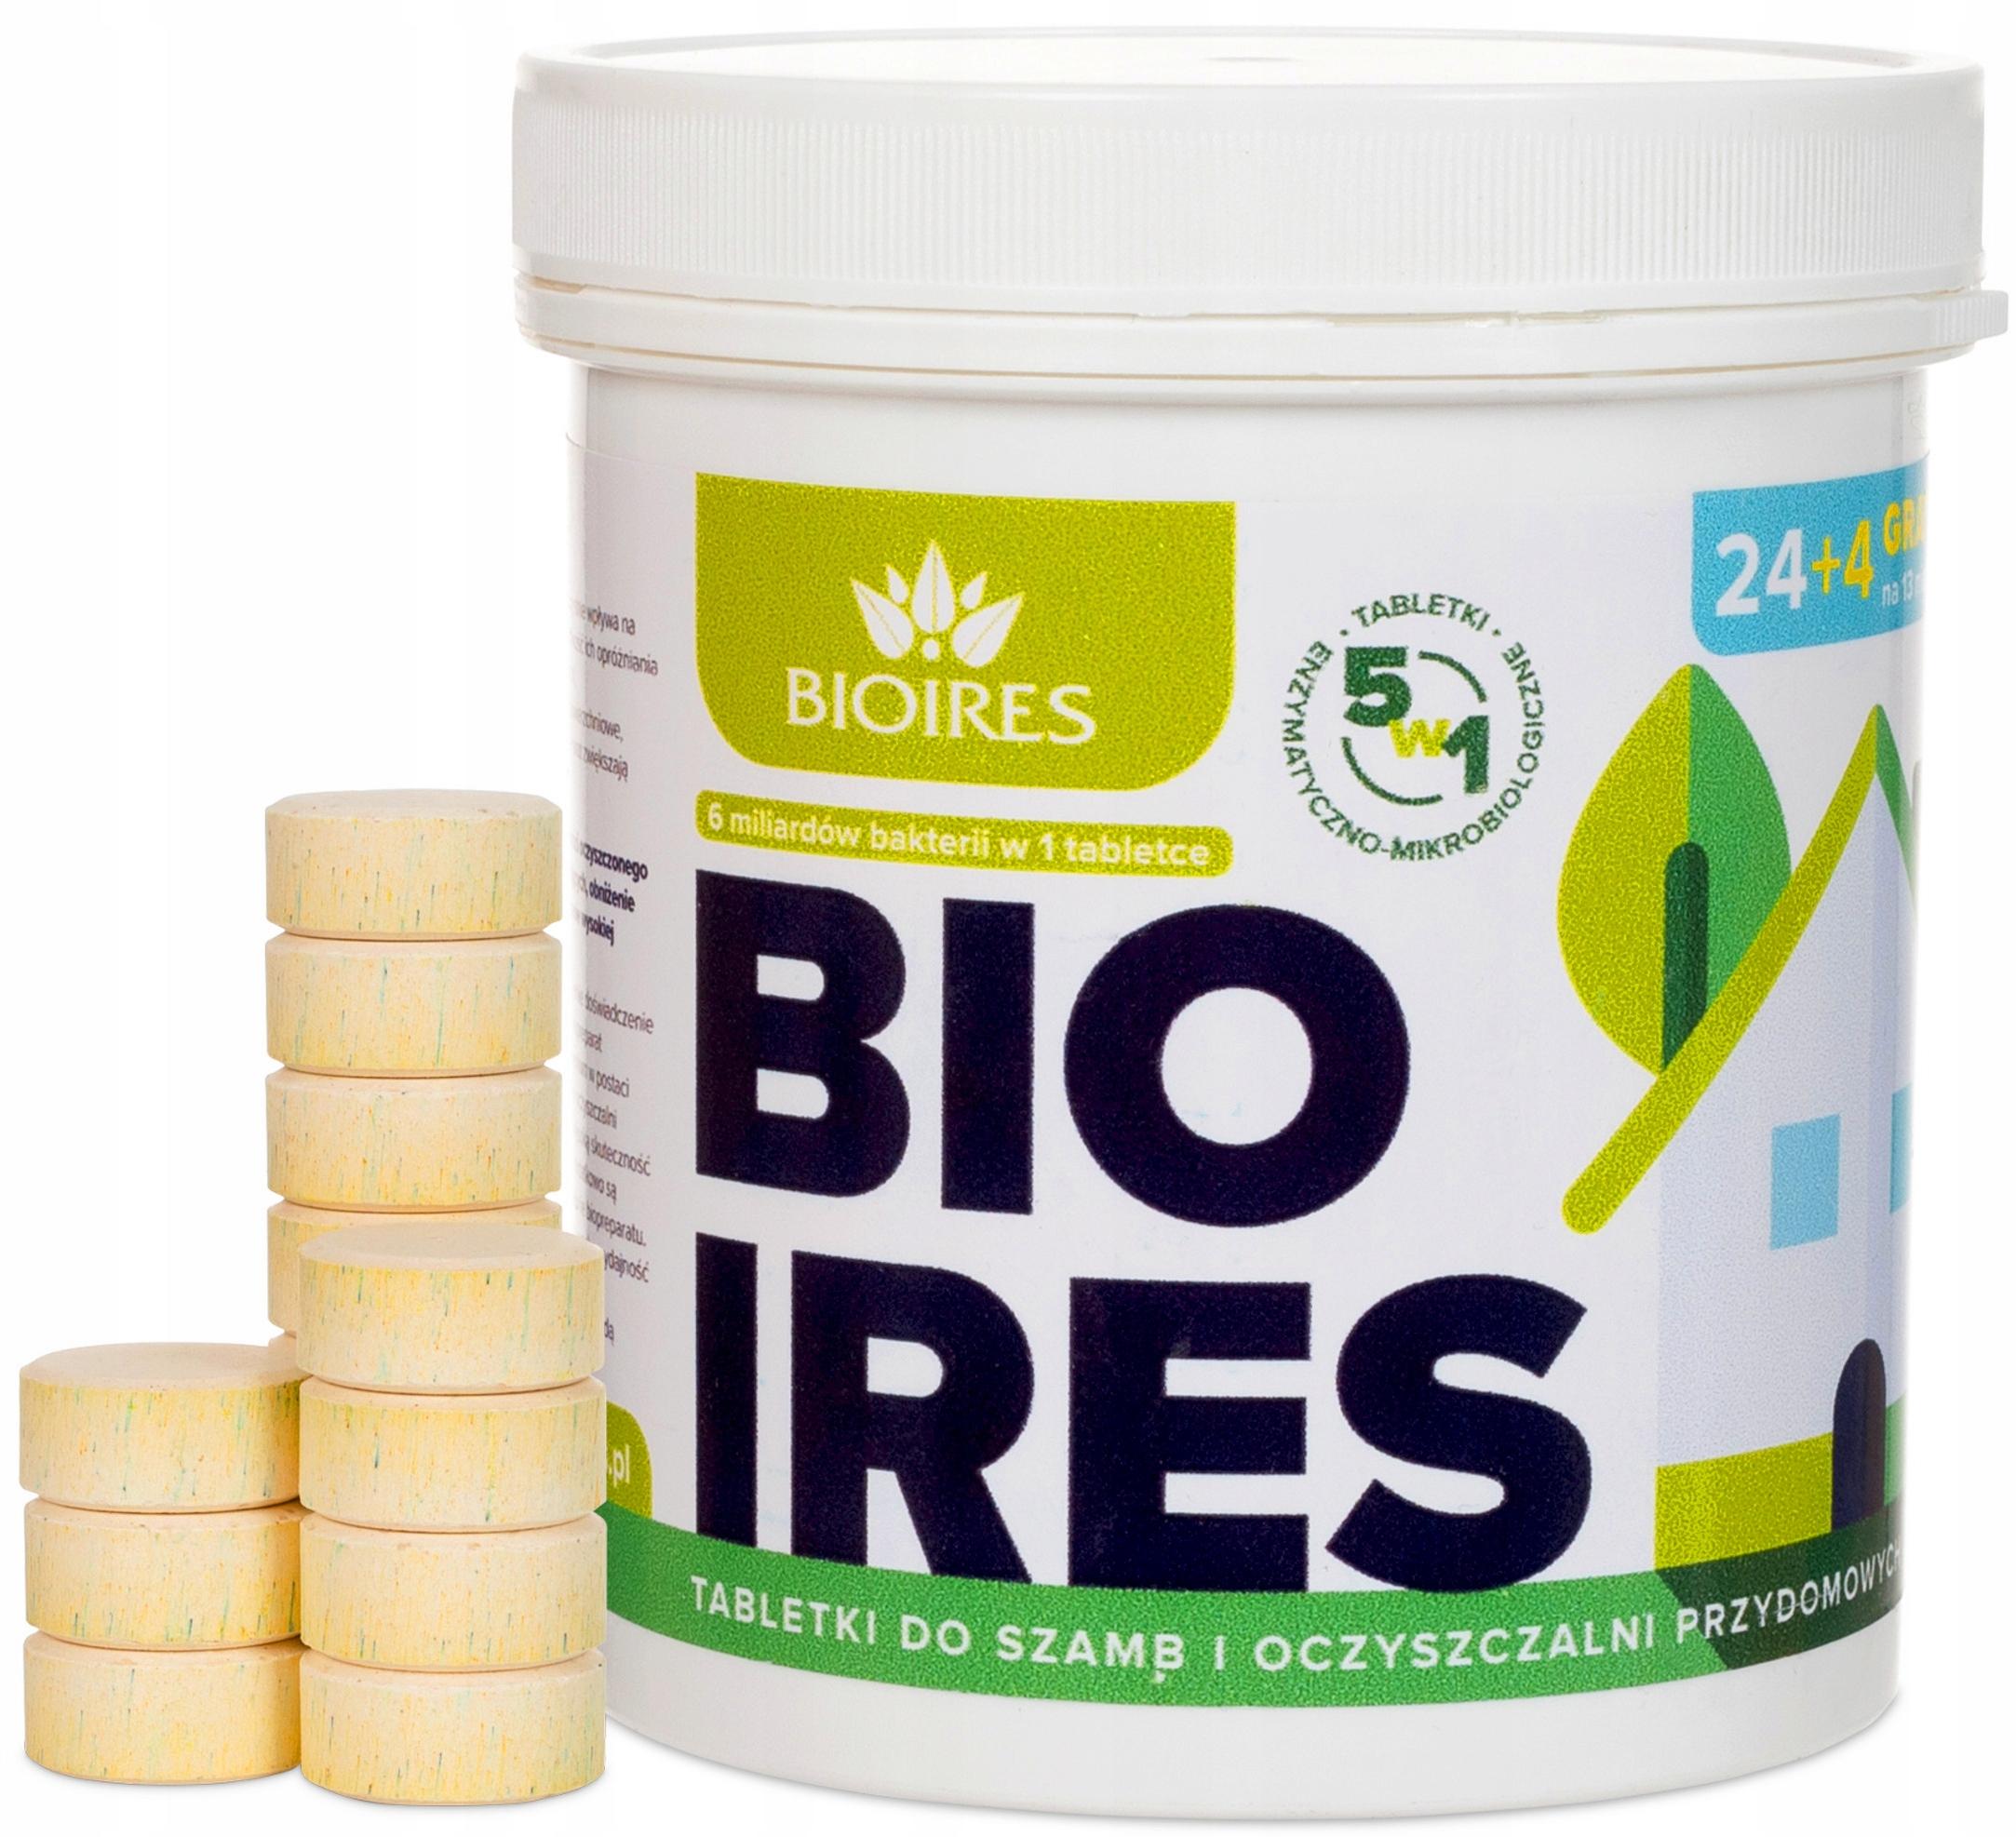 Таблетки от бактерий 5-в-1 для септика и очистных сооружений РК